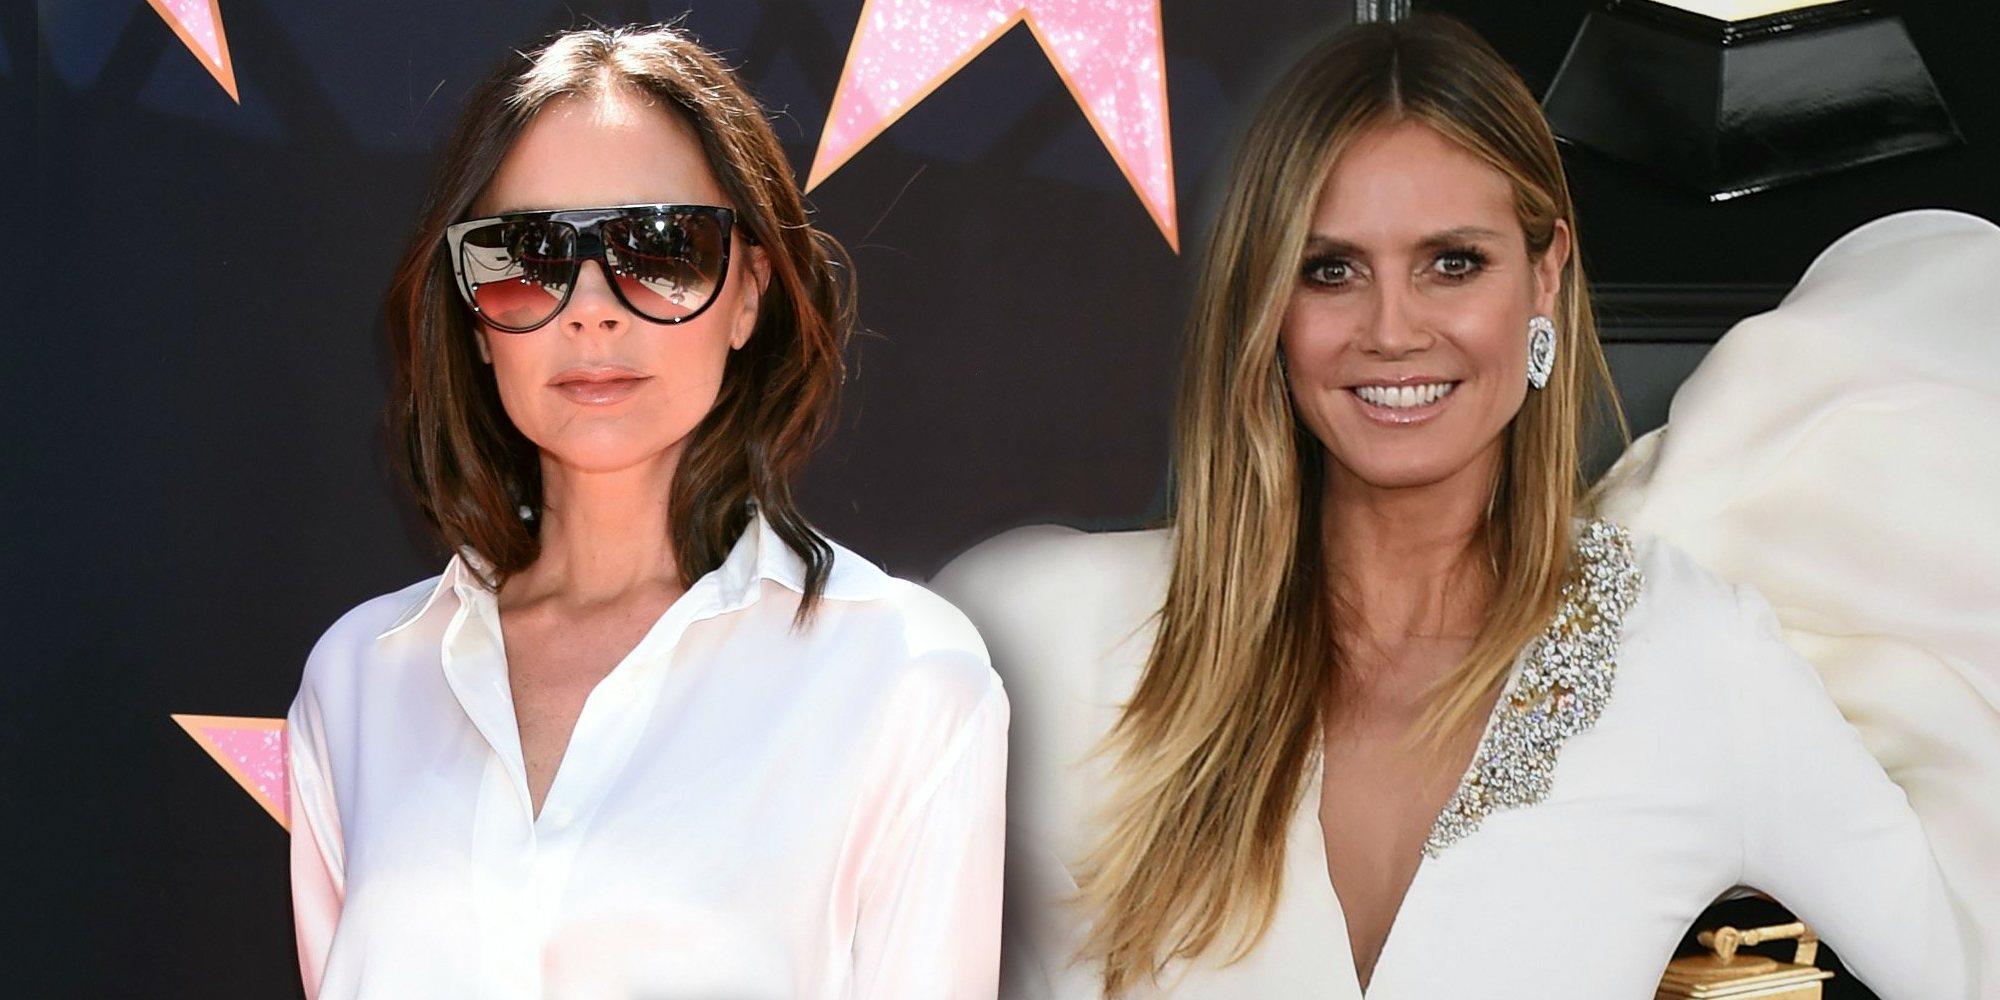 Enemigas Íntimas: Victoria Beckham y Heidi Klum, historia de una amistad rota por un guardaespaldas